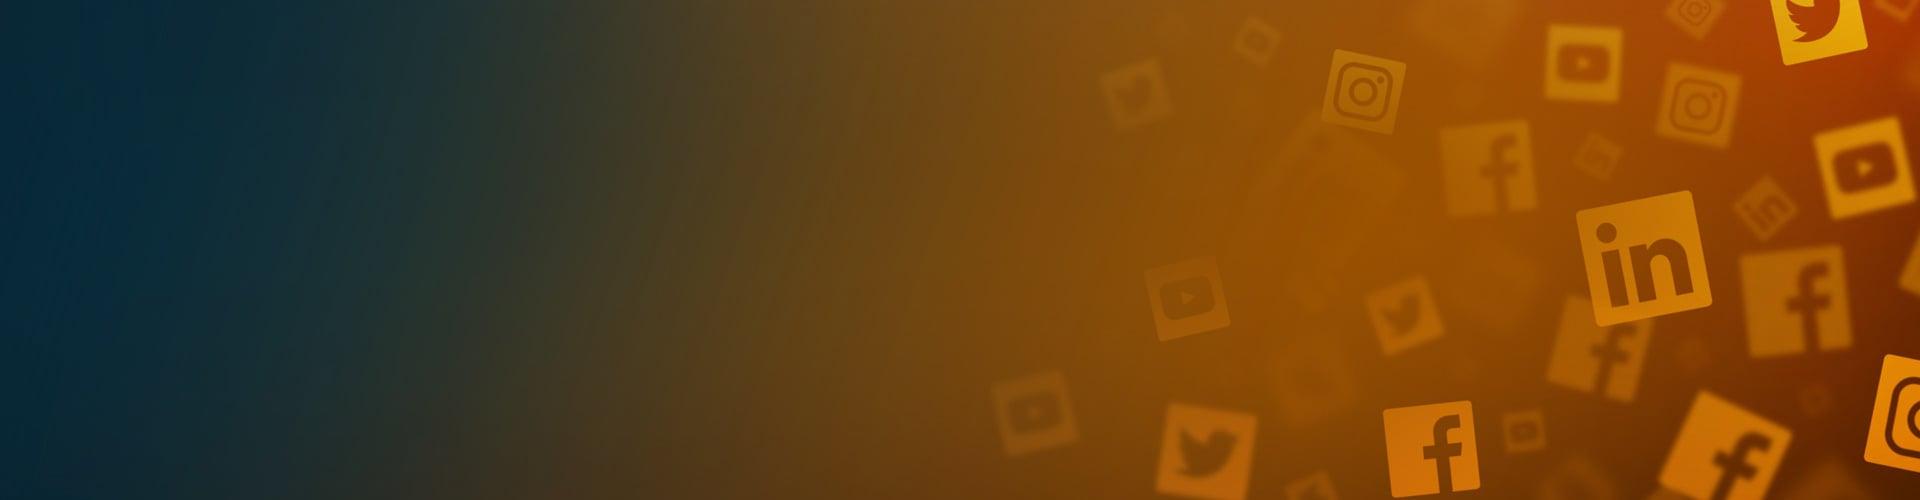 Social Media Phishing Attacks